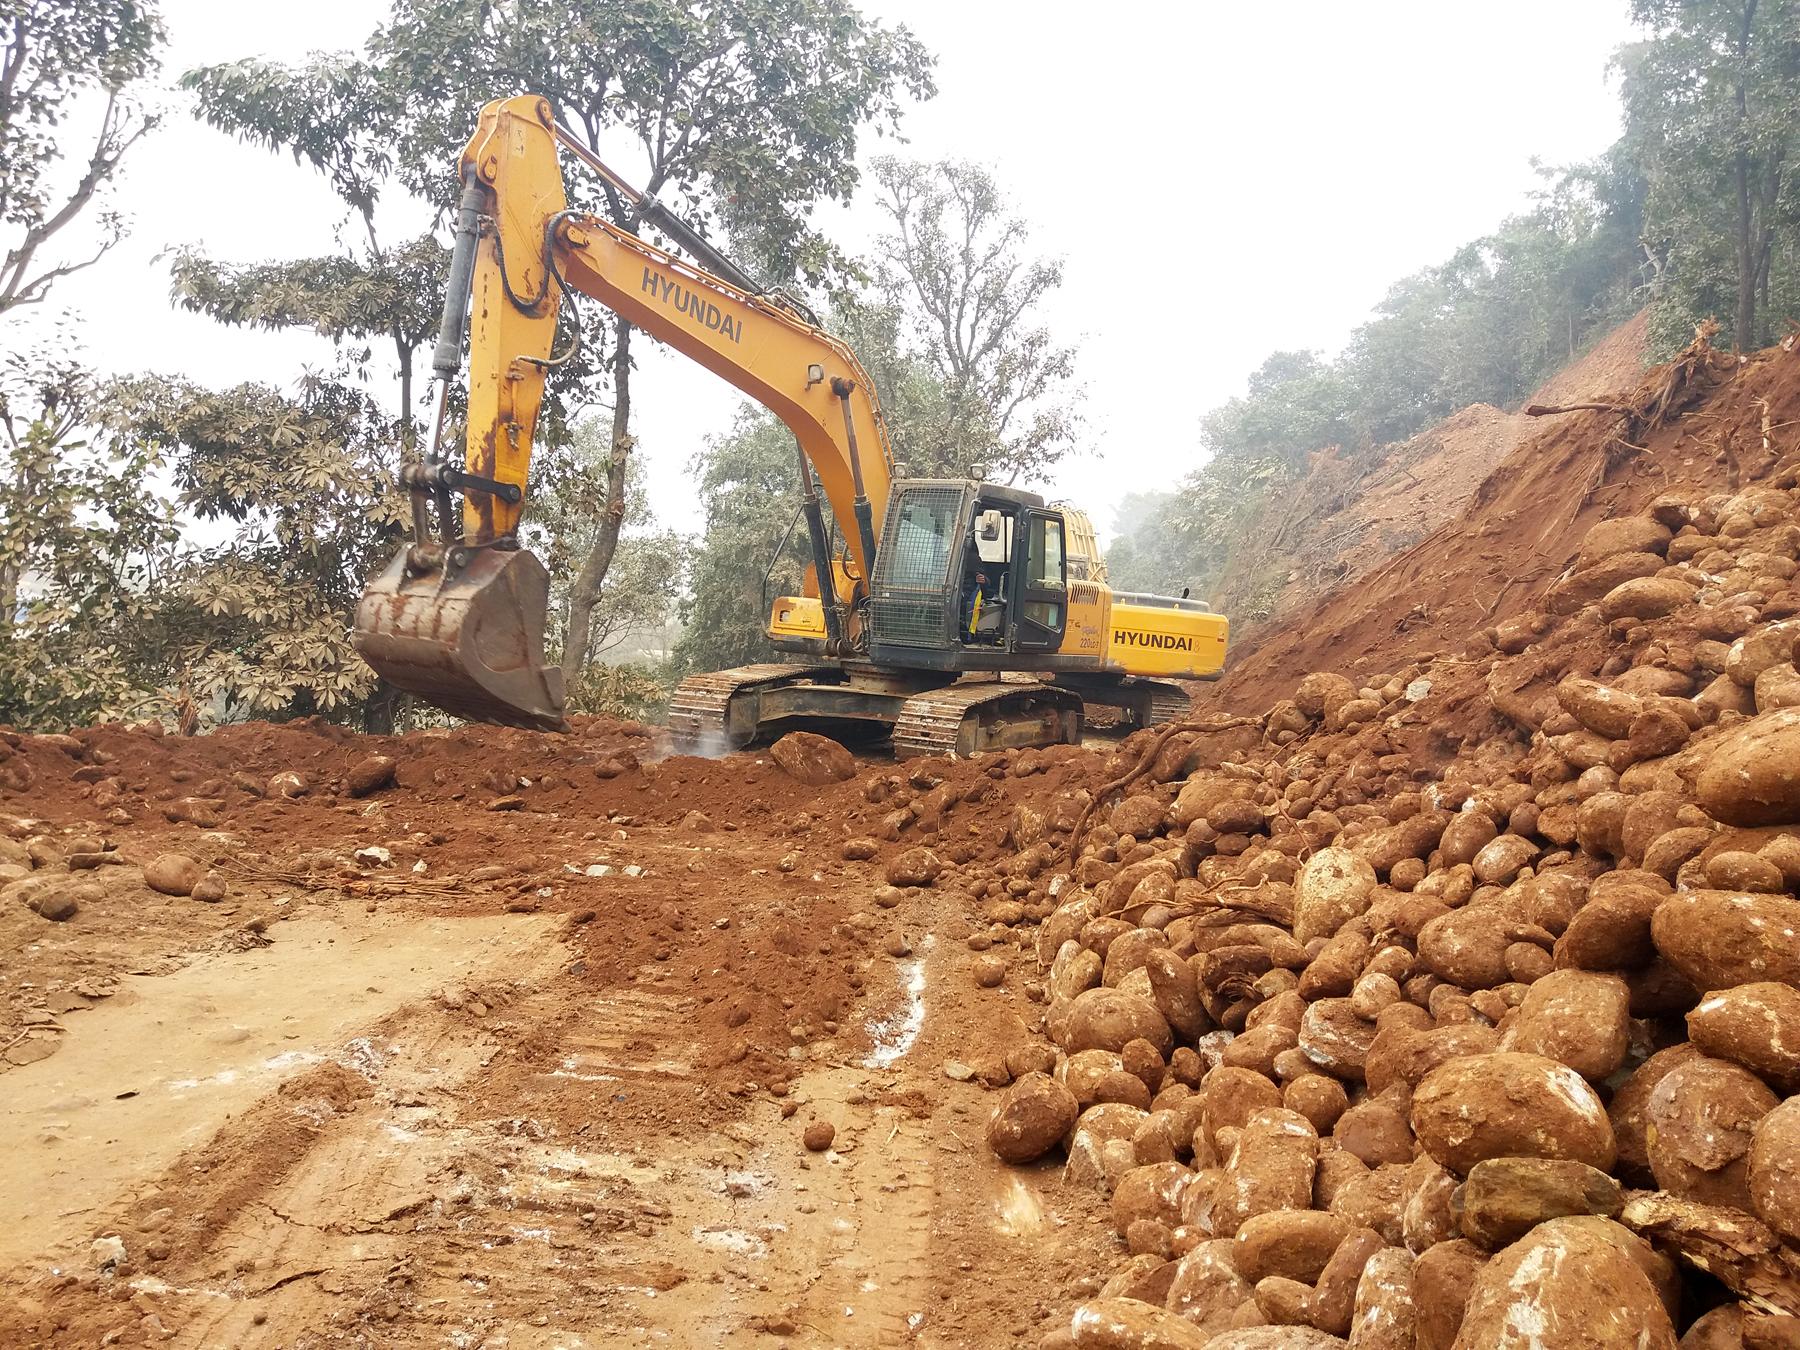 राष्ट्रिय गौरवको त्रिशूली –रसुवागढी सडकमा मुआब्जा विवाद, गठन भयो संघर्ष समिति